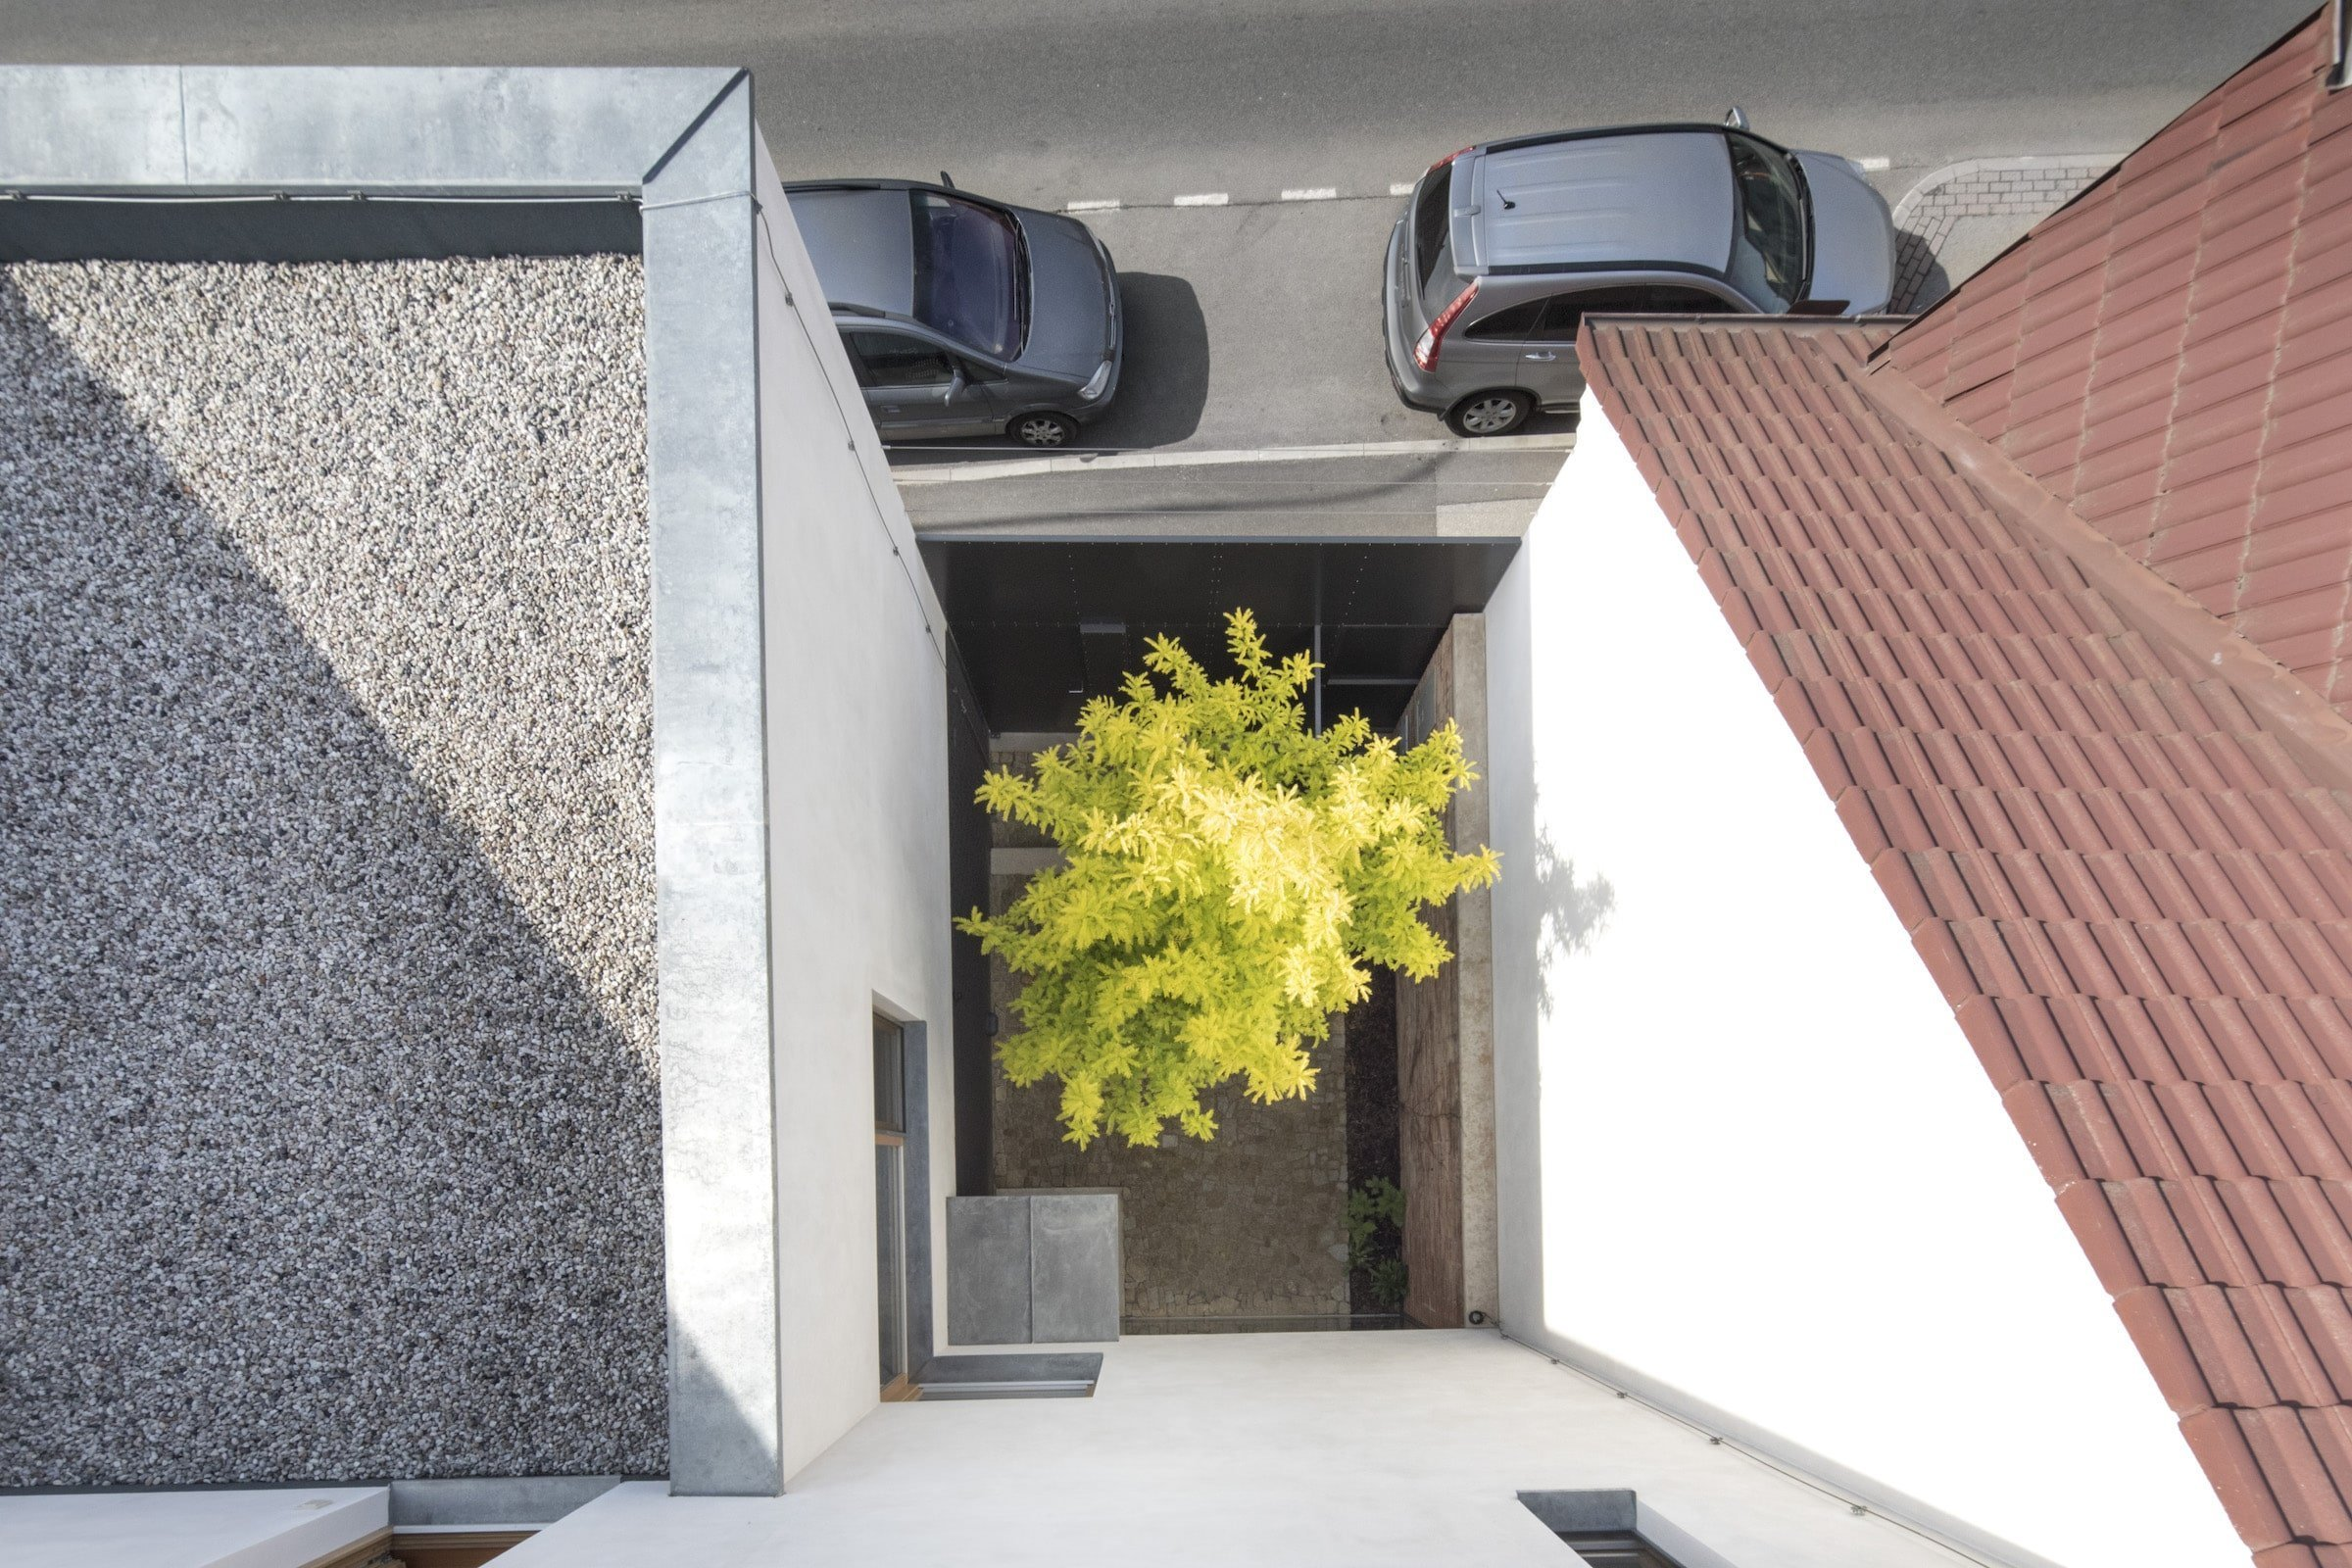 Architekti Hynek Holiš a Šárka Holišová Šochová vedou již několik let úspěšný ateliér v Praze. Dvojice hledala pozemek pro stavbu vlastního domu v okolí Benešova po dlouhá léta, kdy nakonec narazili na proluku nedaleko centra města. Dům, který zde byl postaven, navazuje na sousední řadové domy a přeci díky svému minimalistickému vzhledu vyniká.